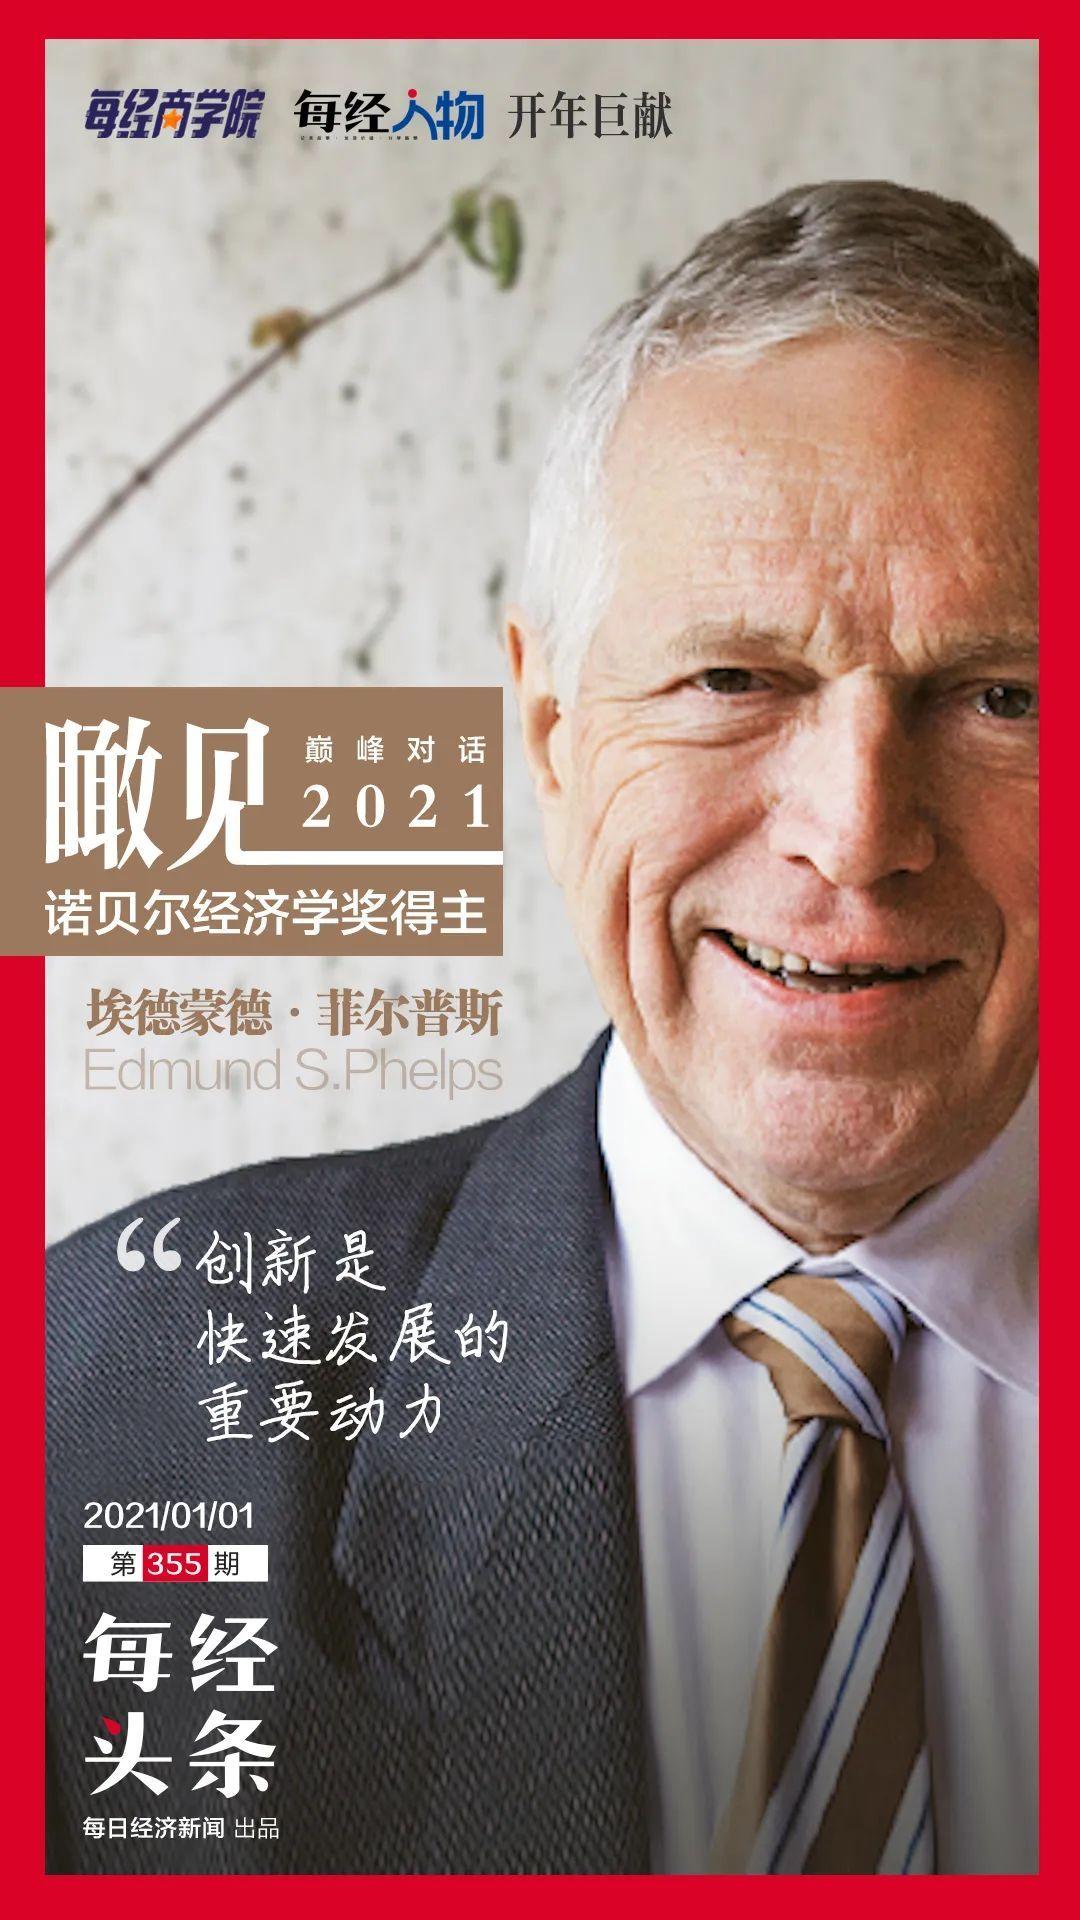 电银付激活码(dianyinzhifu.com):每经头条|专访诺贝尔经济学奖得主埃德蒙德 菲尔普斯:任何国家的自然趋势都是探索、缔造、创新和生长它所发现的器械 第3张